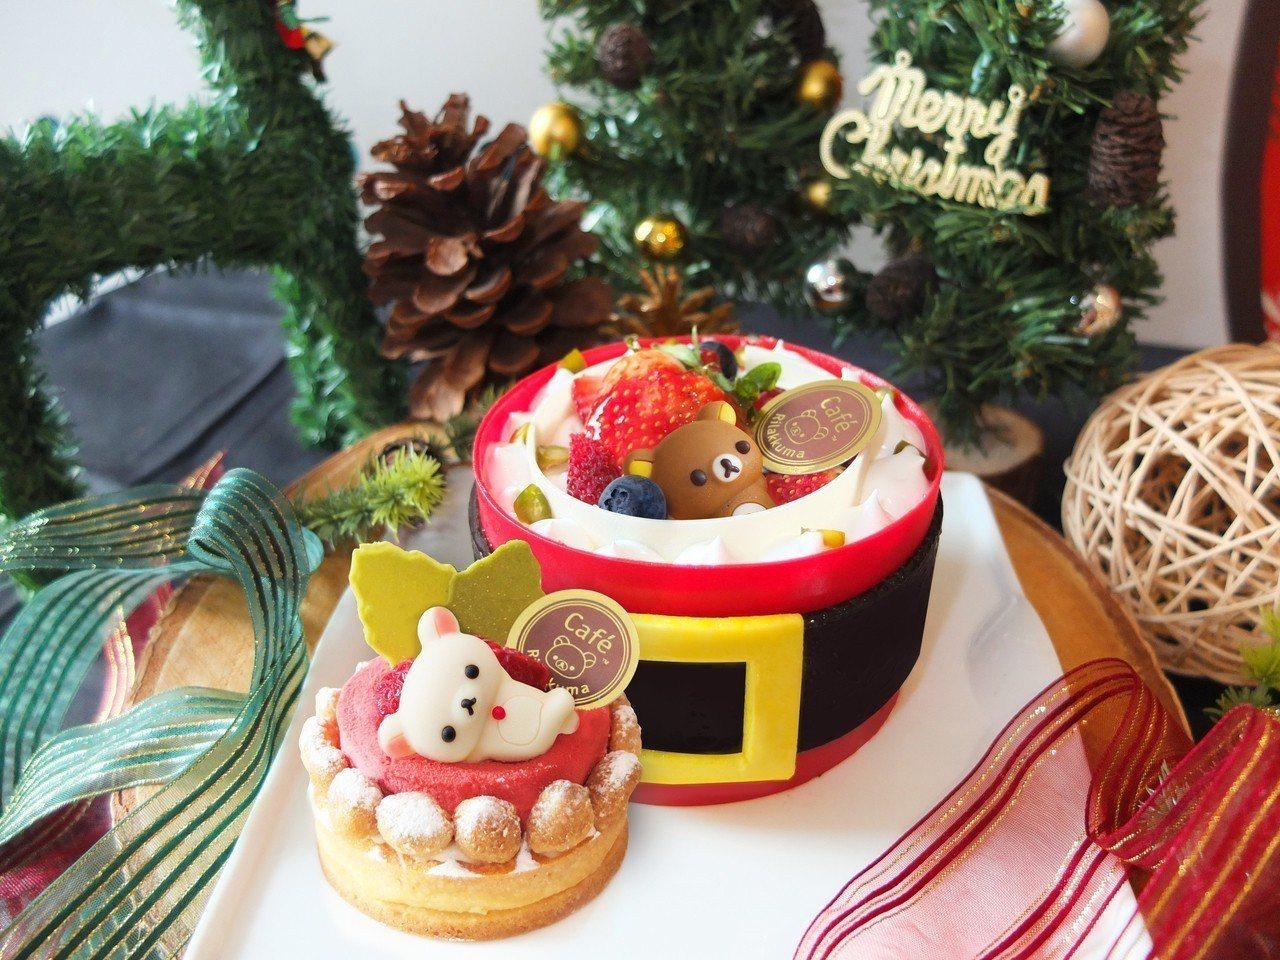 4吋拉拉熊耶誕蛋糕(後)售價380元、小白熊耶誕塔(前)售價150元。圖/拉拉熊...